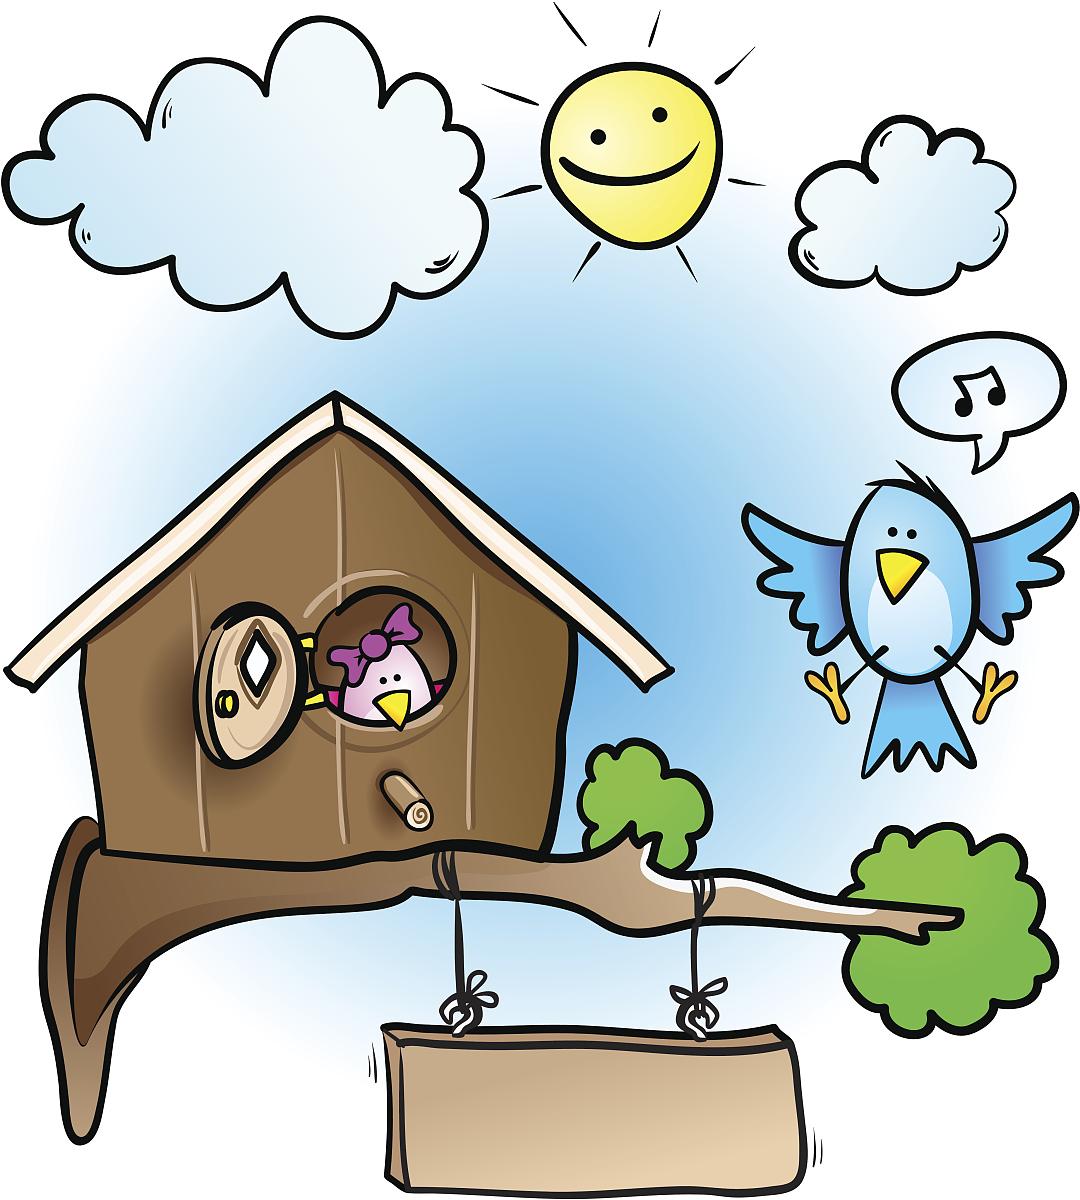 童画画鸟_唱,鸟类,蓝色,树,枝,云,泡泡,音符,可爱的,小鸟笼,全球通讯,儿童画